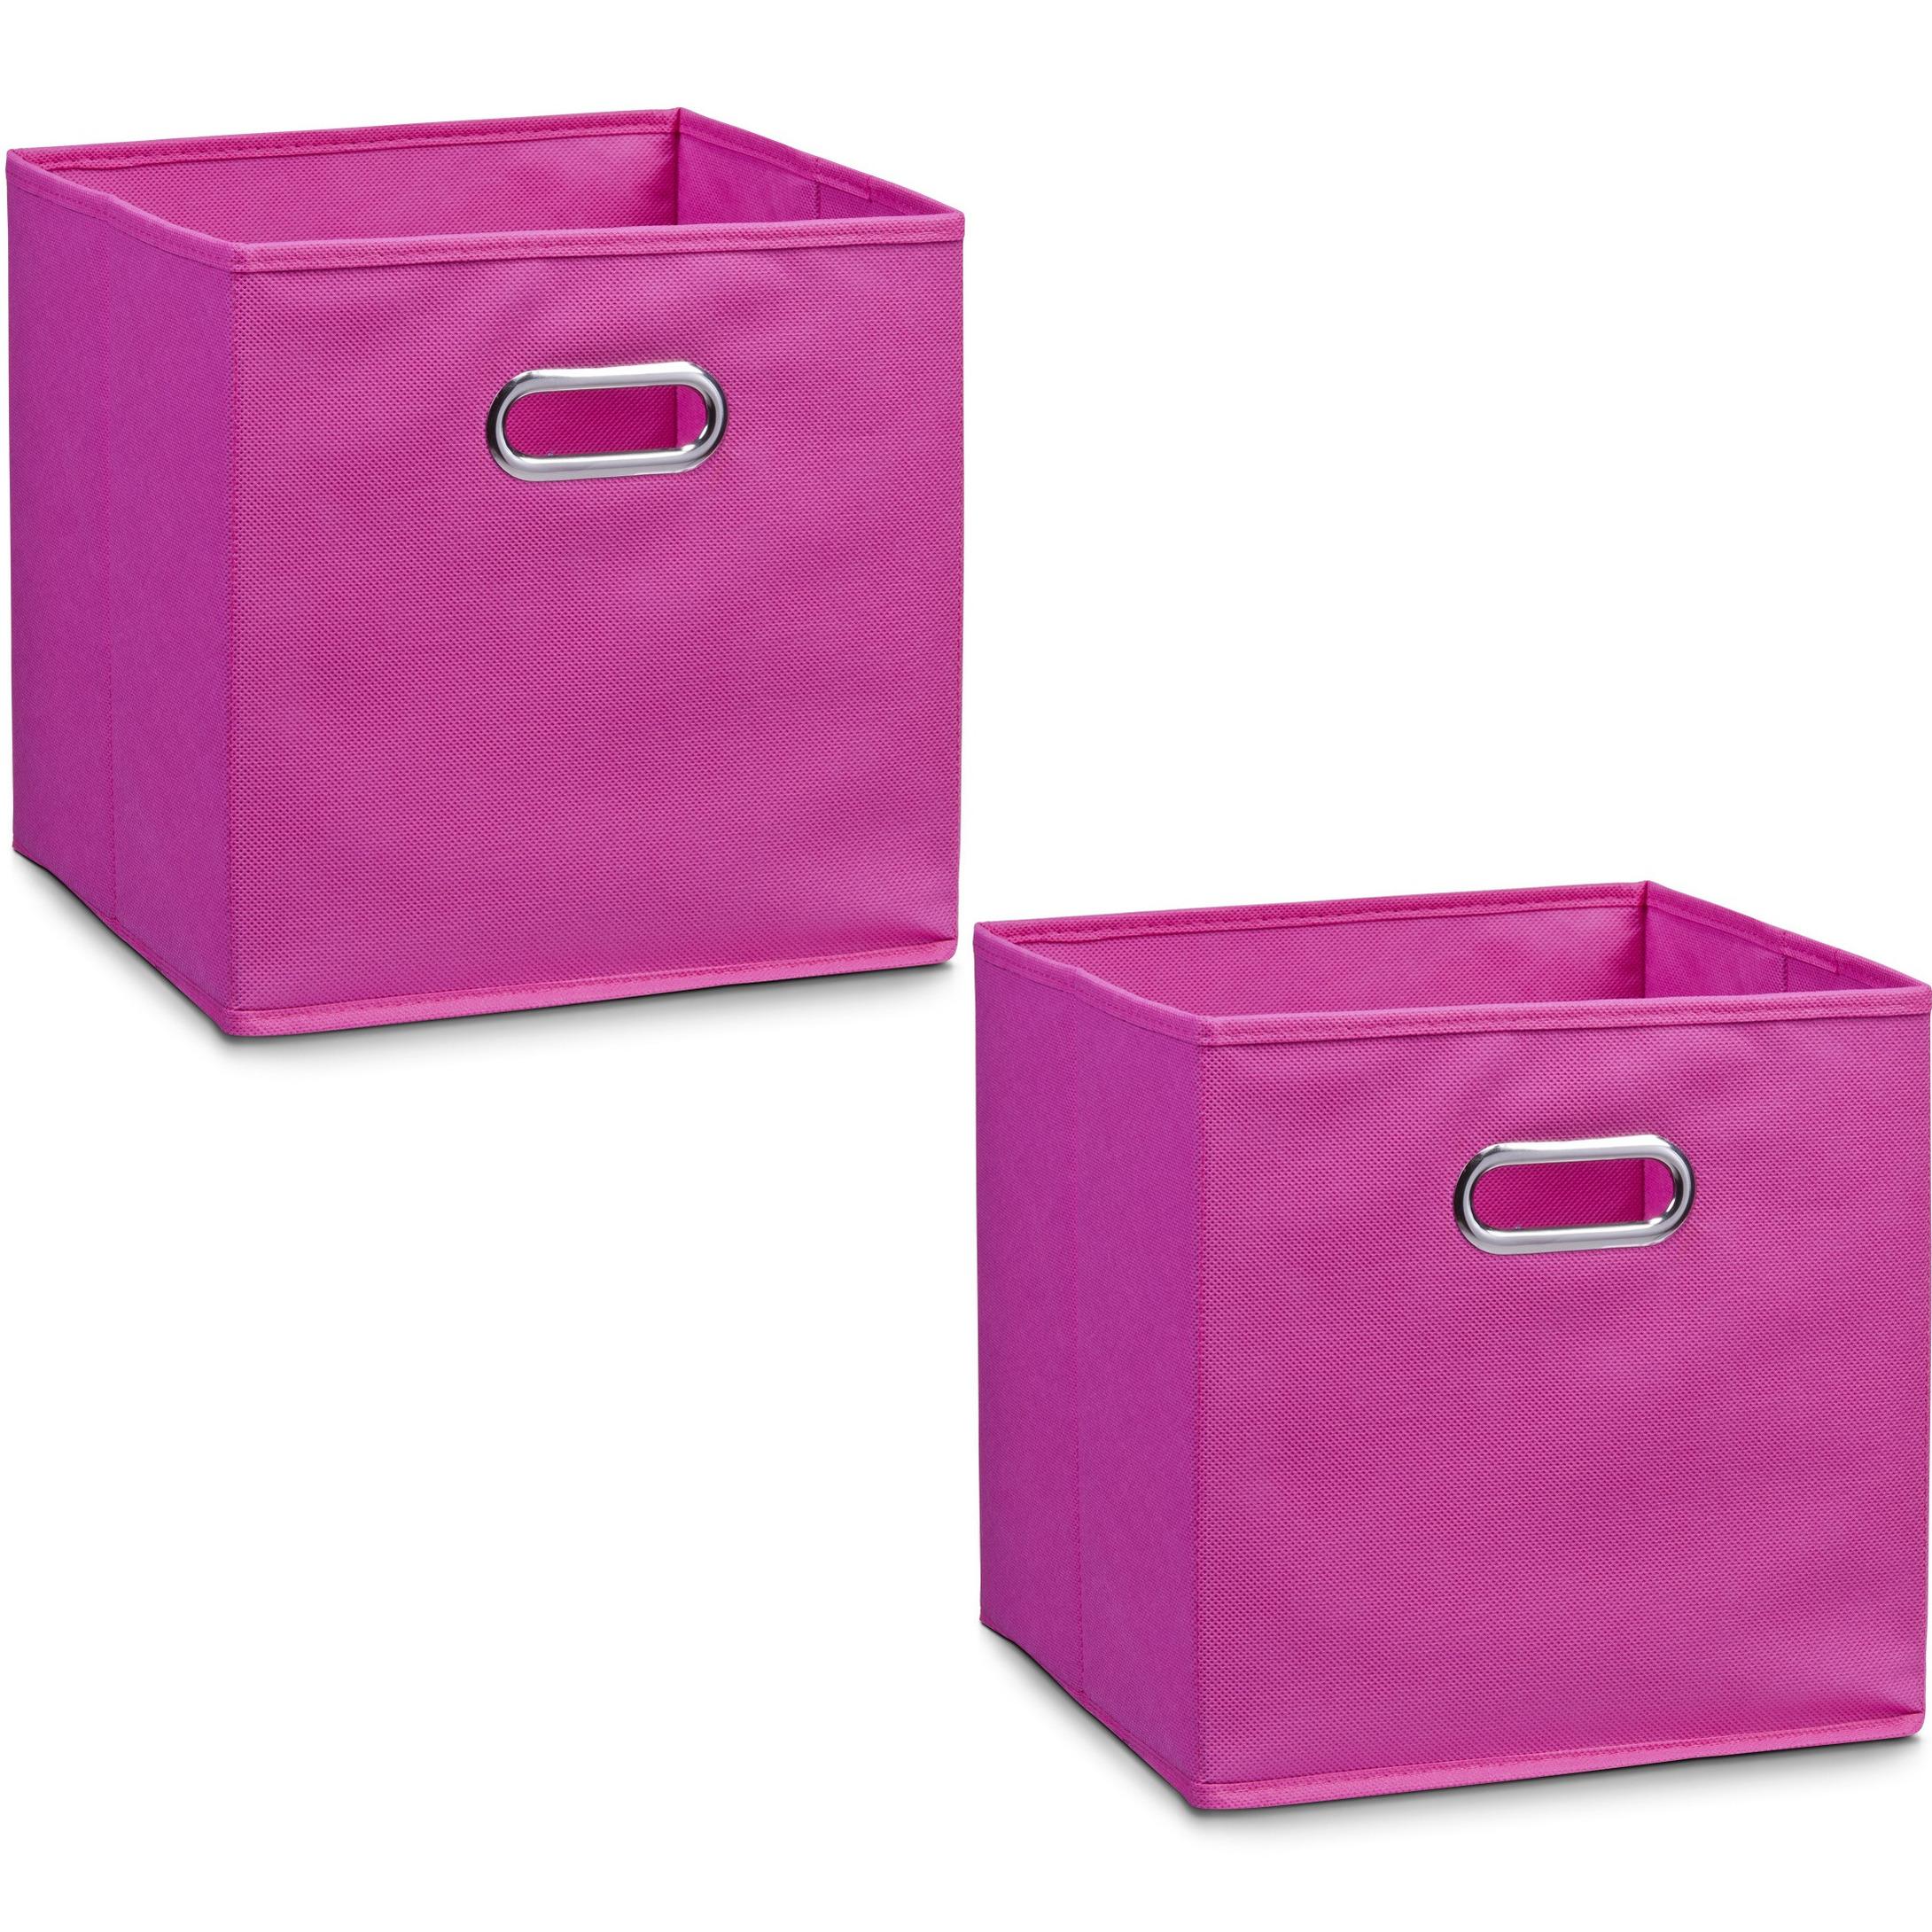 6x roze opbergmandjes kinderkamer 28 x 28 cm